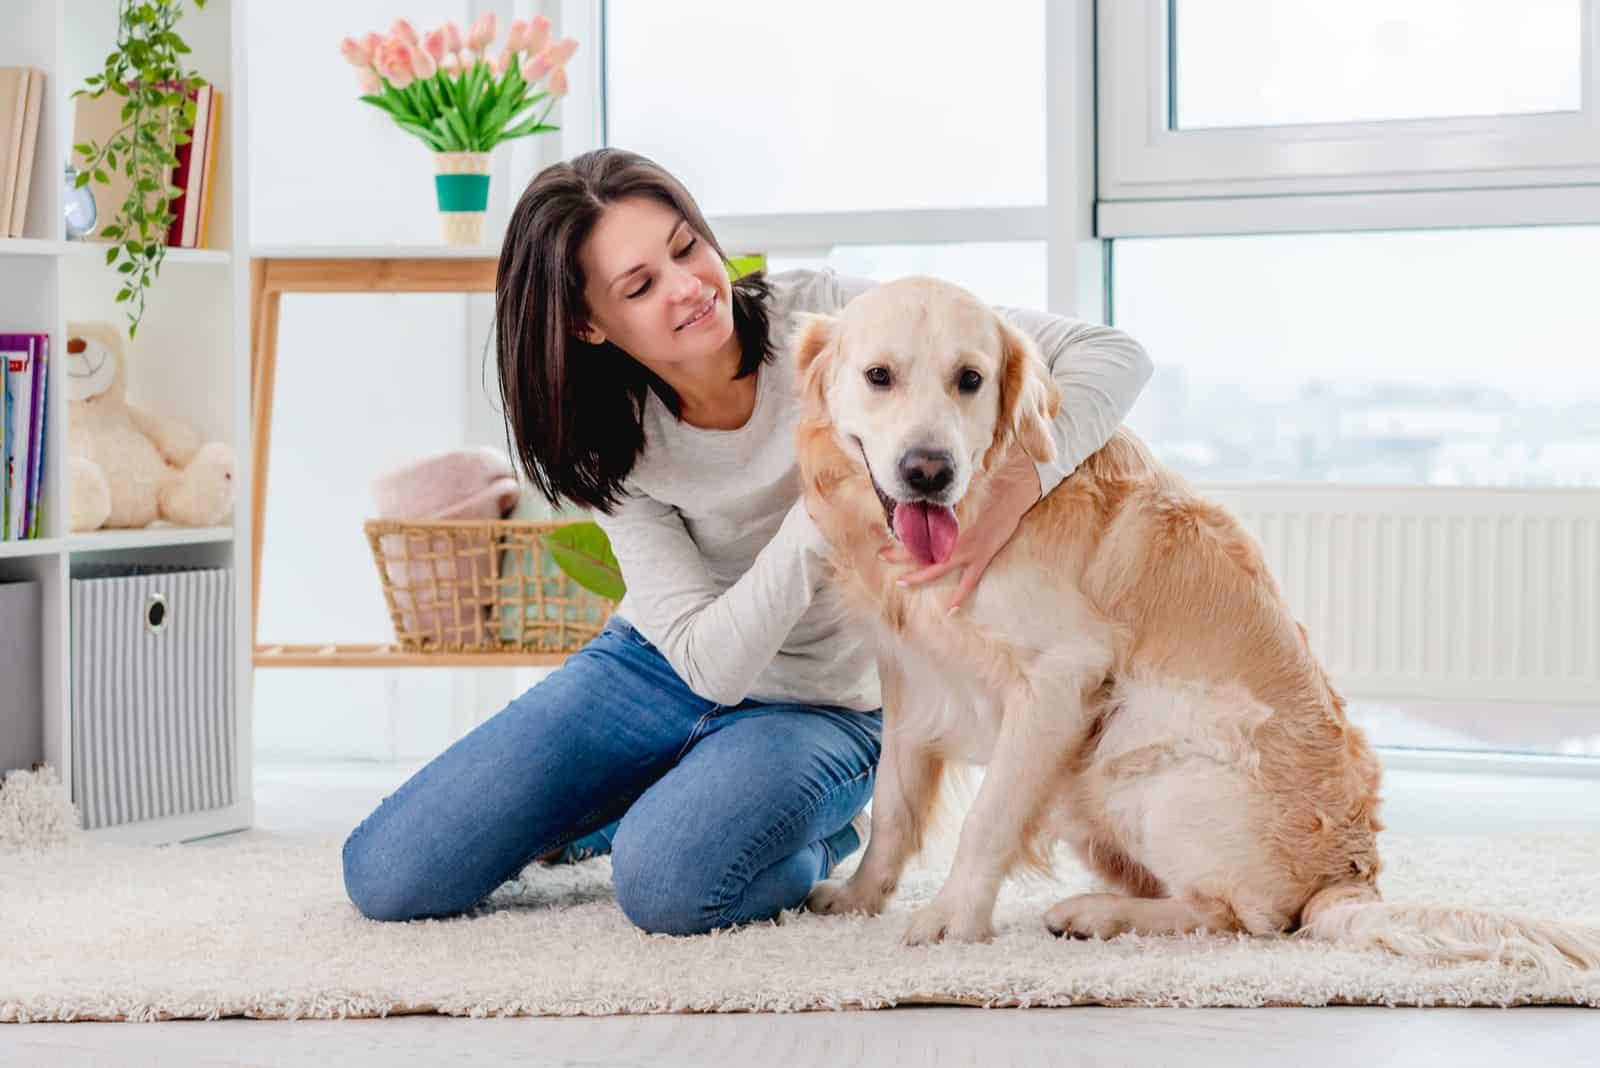 junges Mädchen streichelt Golden Retriever Hund